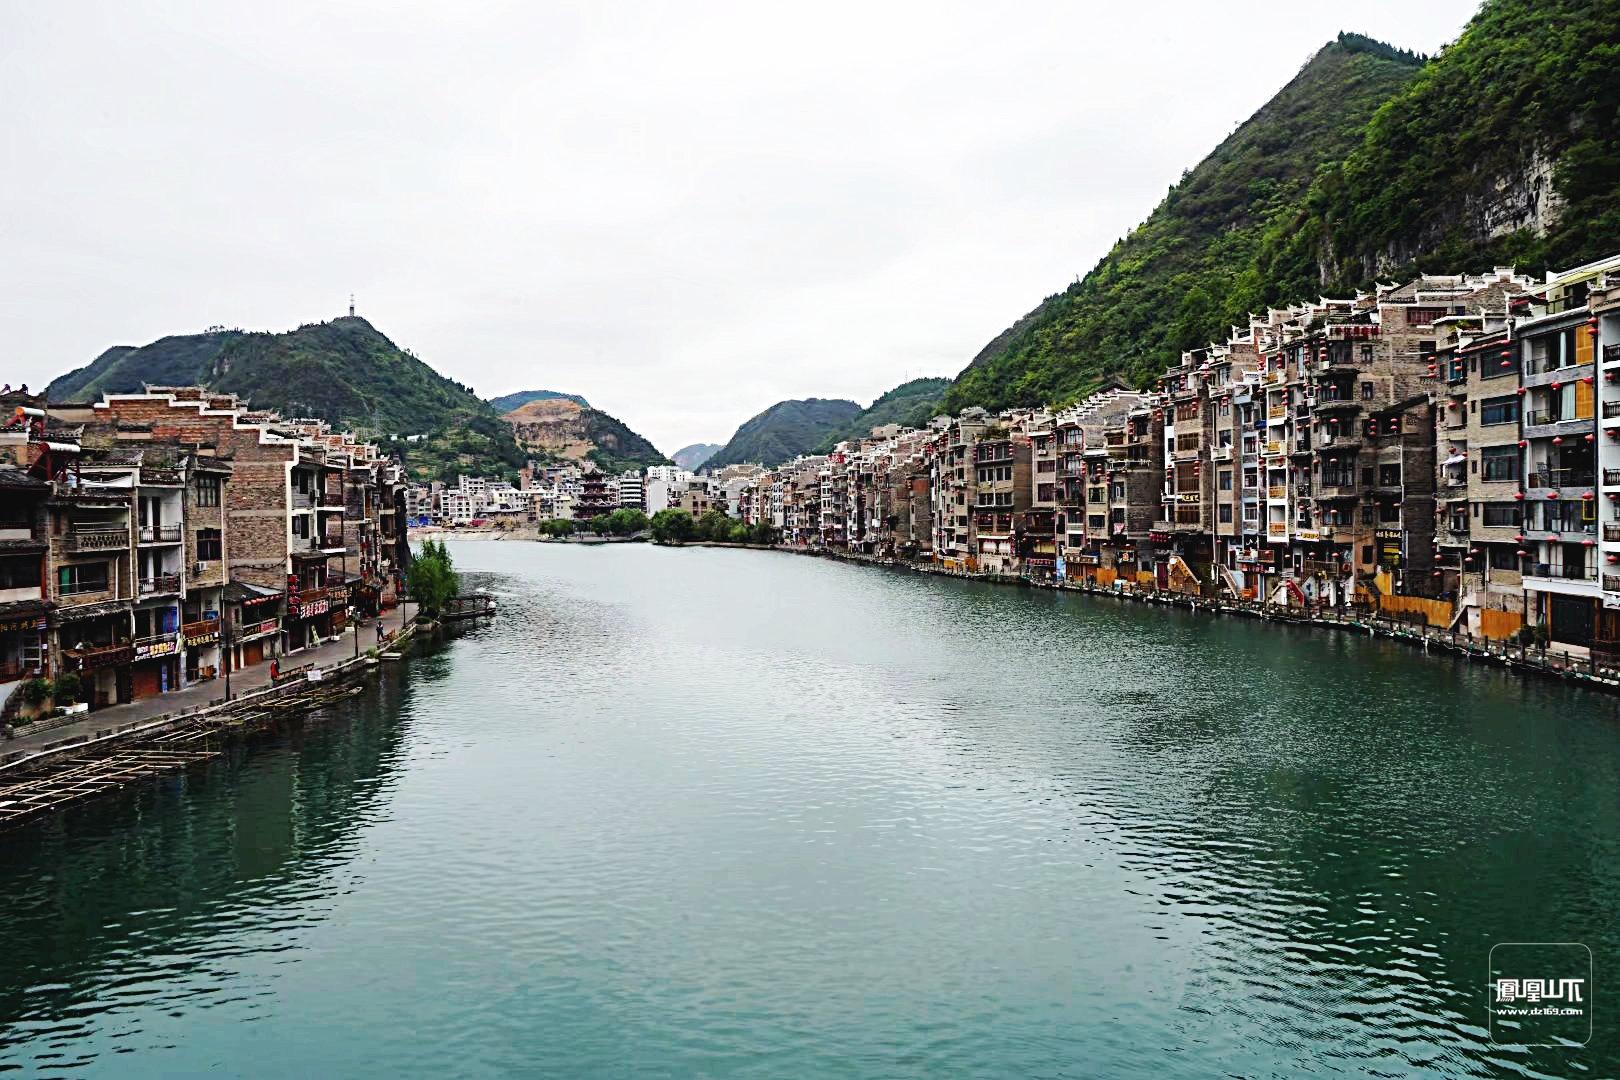 壁纸 风景 古镇 建筑 旅游 山水 摄影 桌面 1620_1080